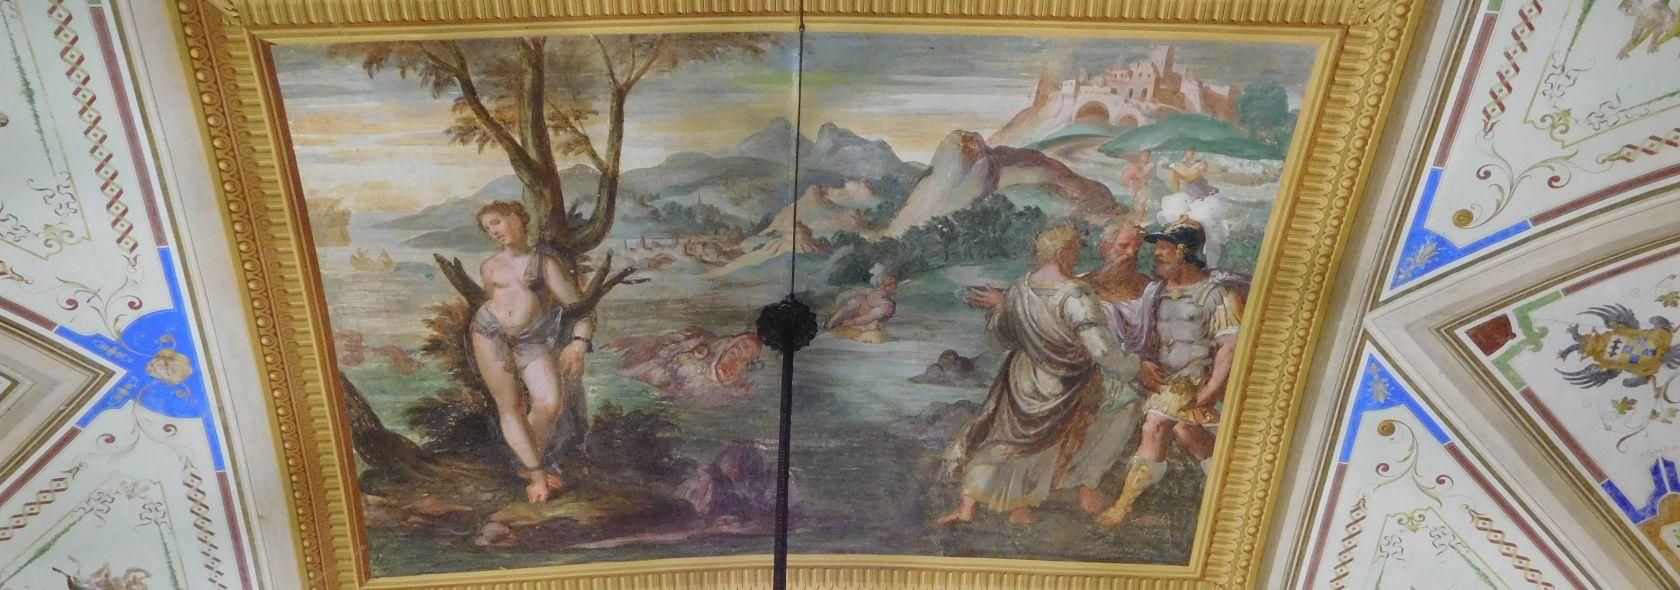 Palazzo Pessagno - affresco - foto: Wikipedia  CC-BY-SA-4.0